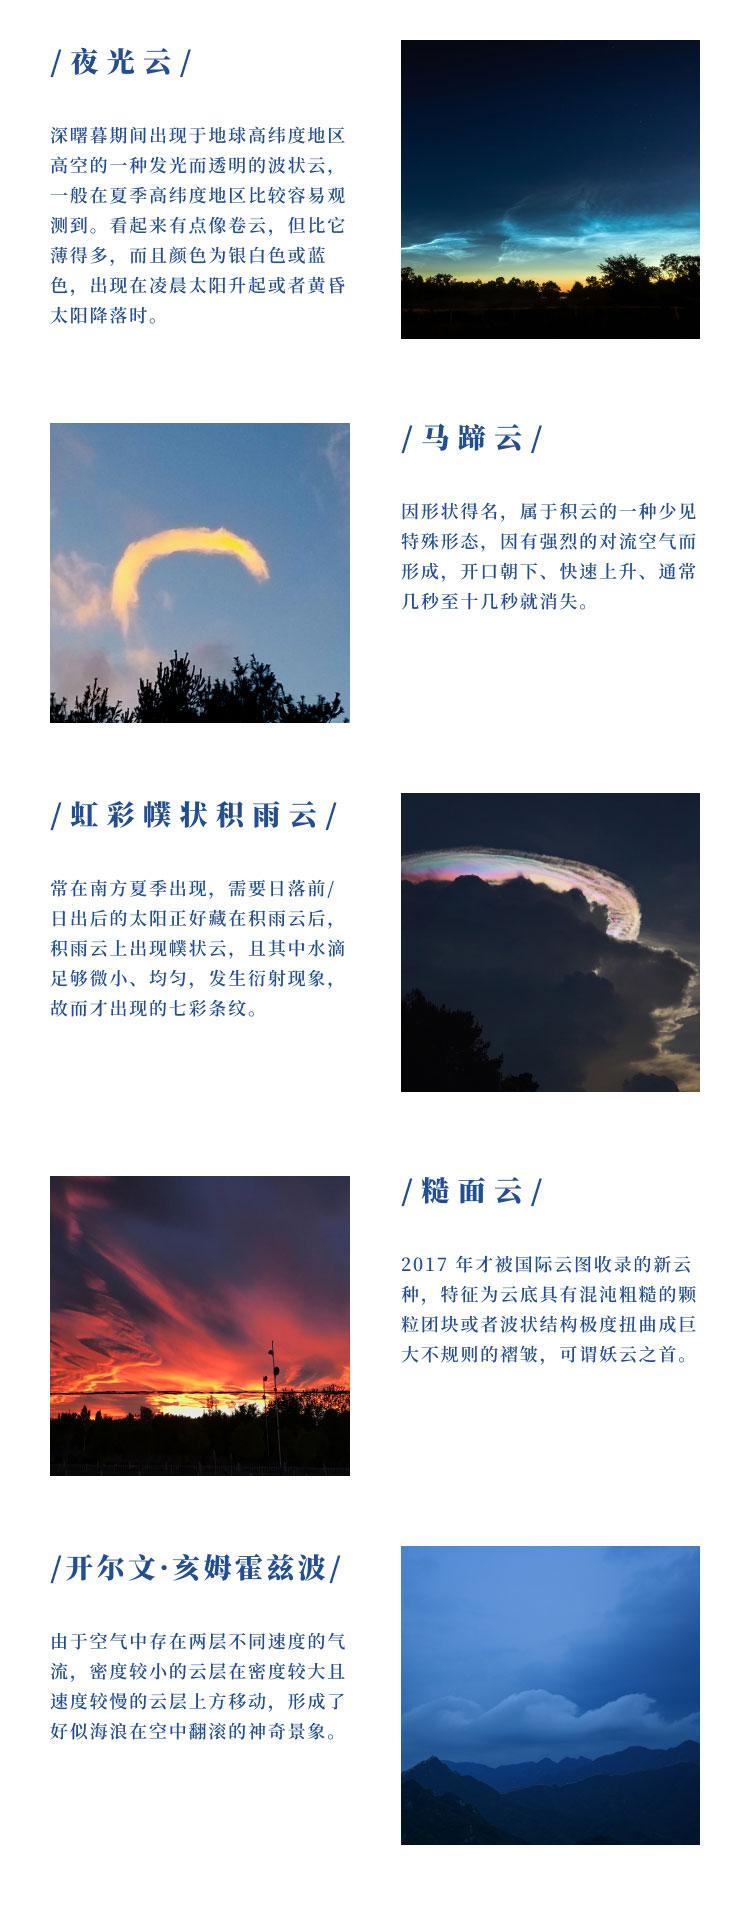 众筹长图_06.jpg